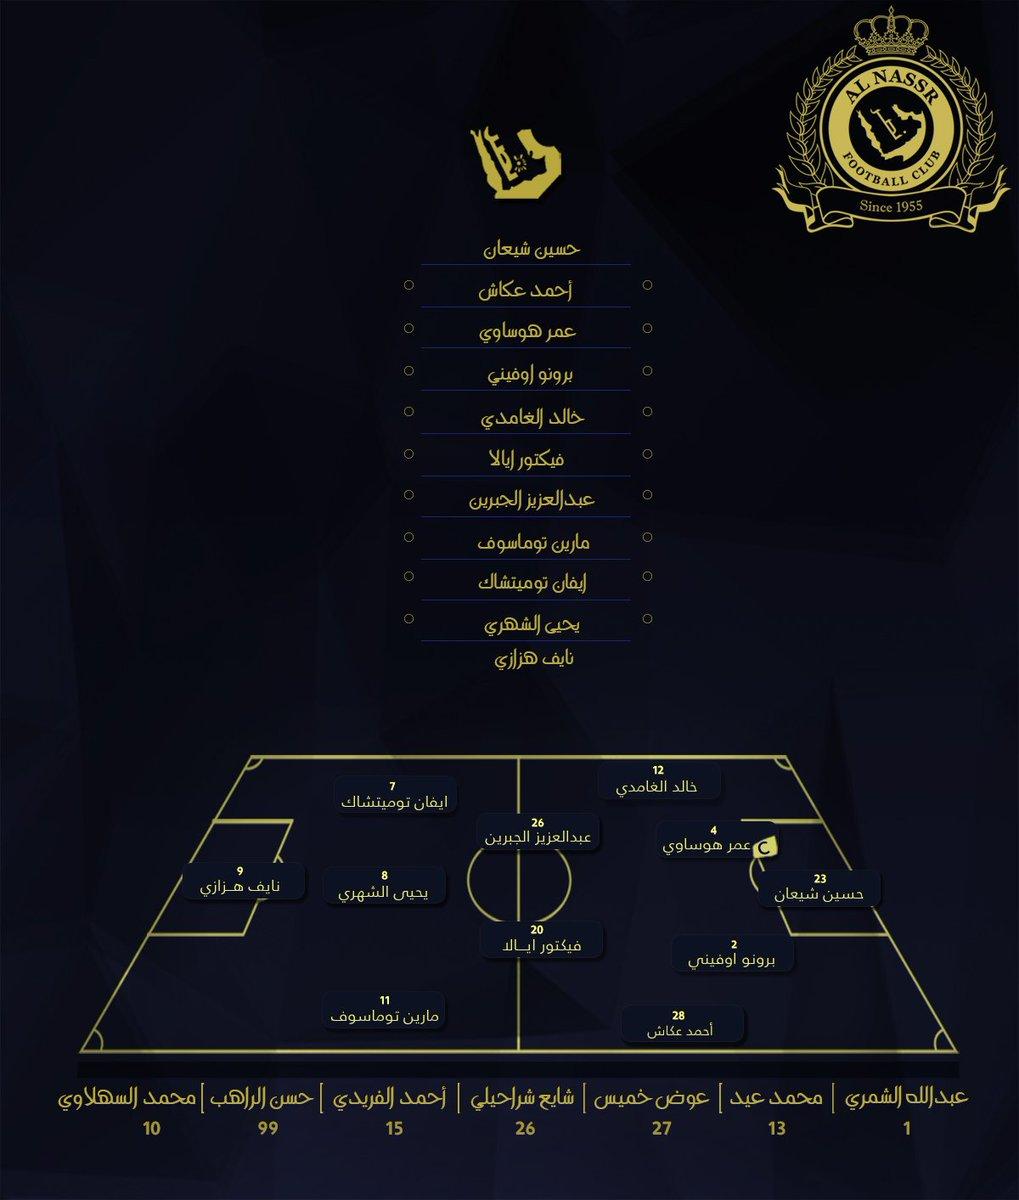 متابعة مباراة النصر الوحدة 8:00 Cu0eit-WIAAzfYs.jpg